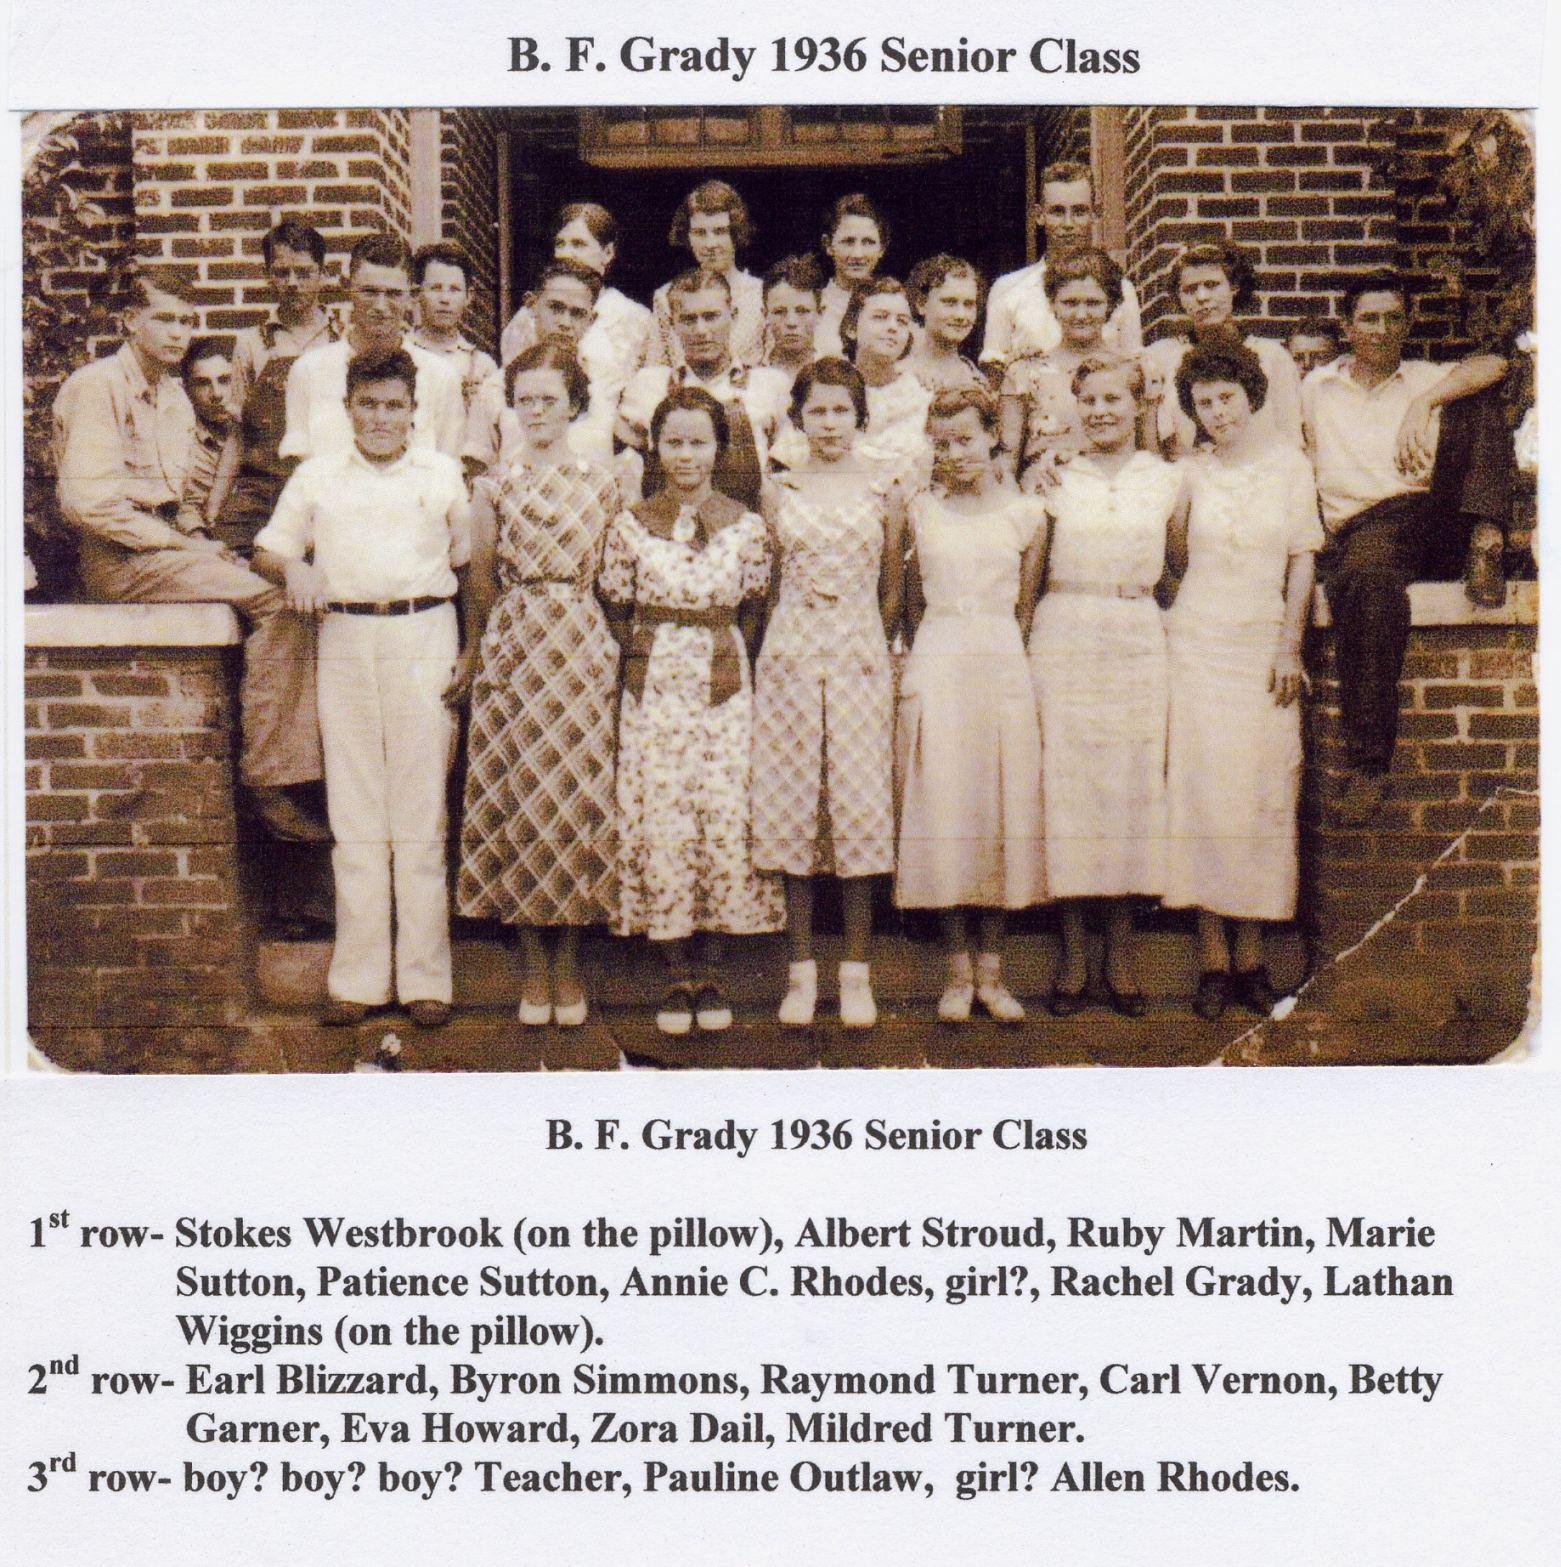 BFG 1936 Seniors